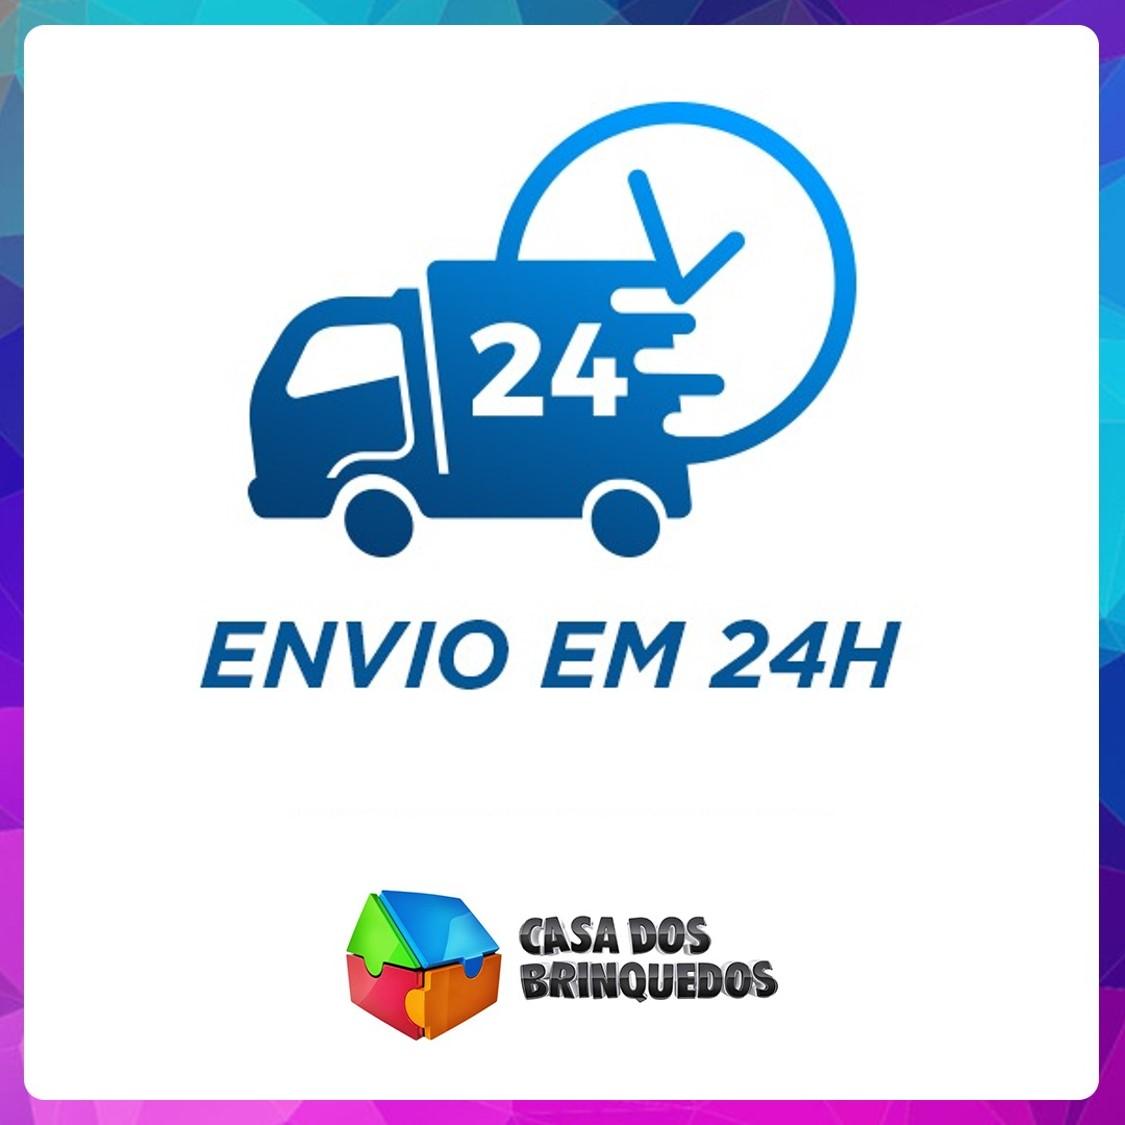 BONECA COLEÇÃO NINOS REBORN DORMINDO 2212 COTIPLÁS